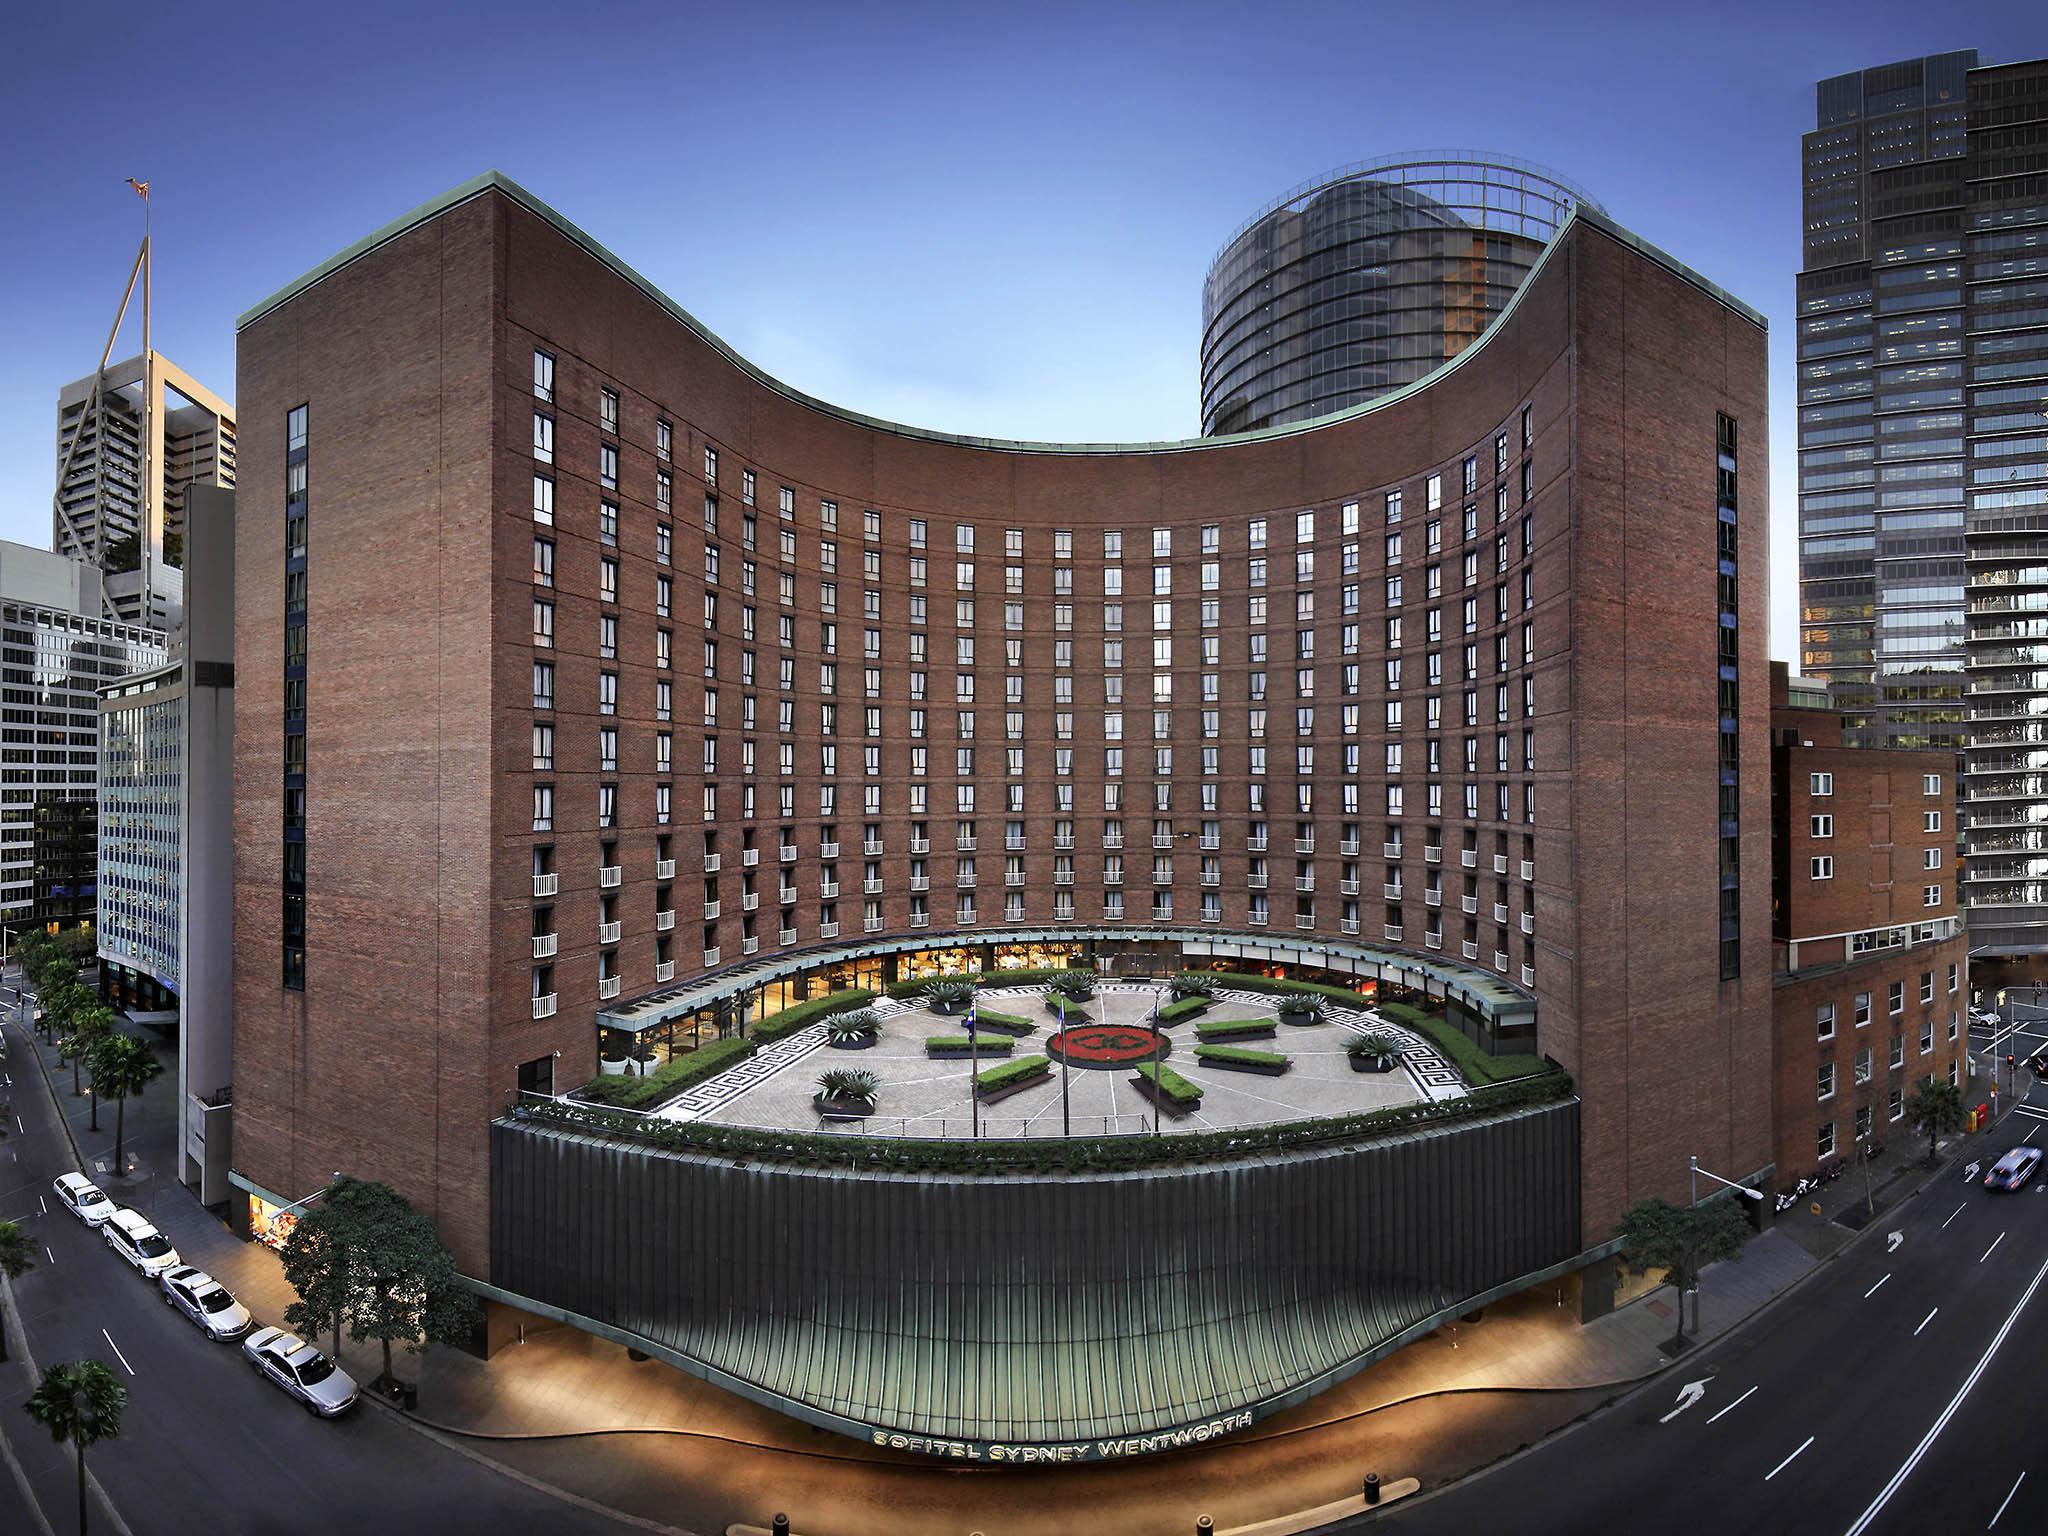 فندق - سوفيتل Sofitel سيدني ونتورث